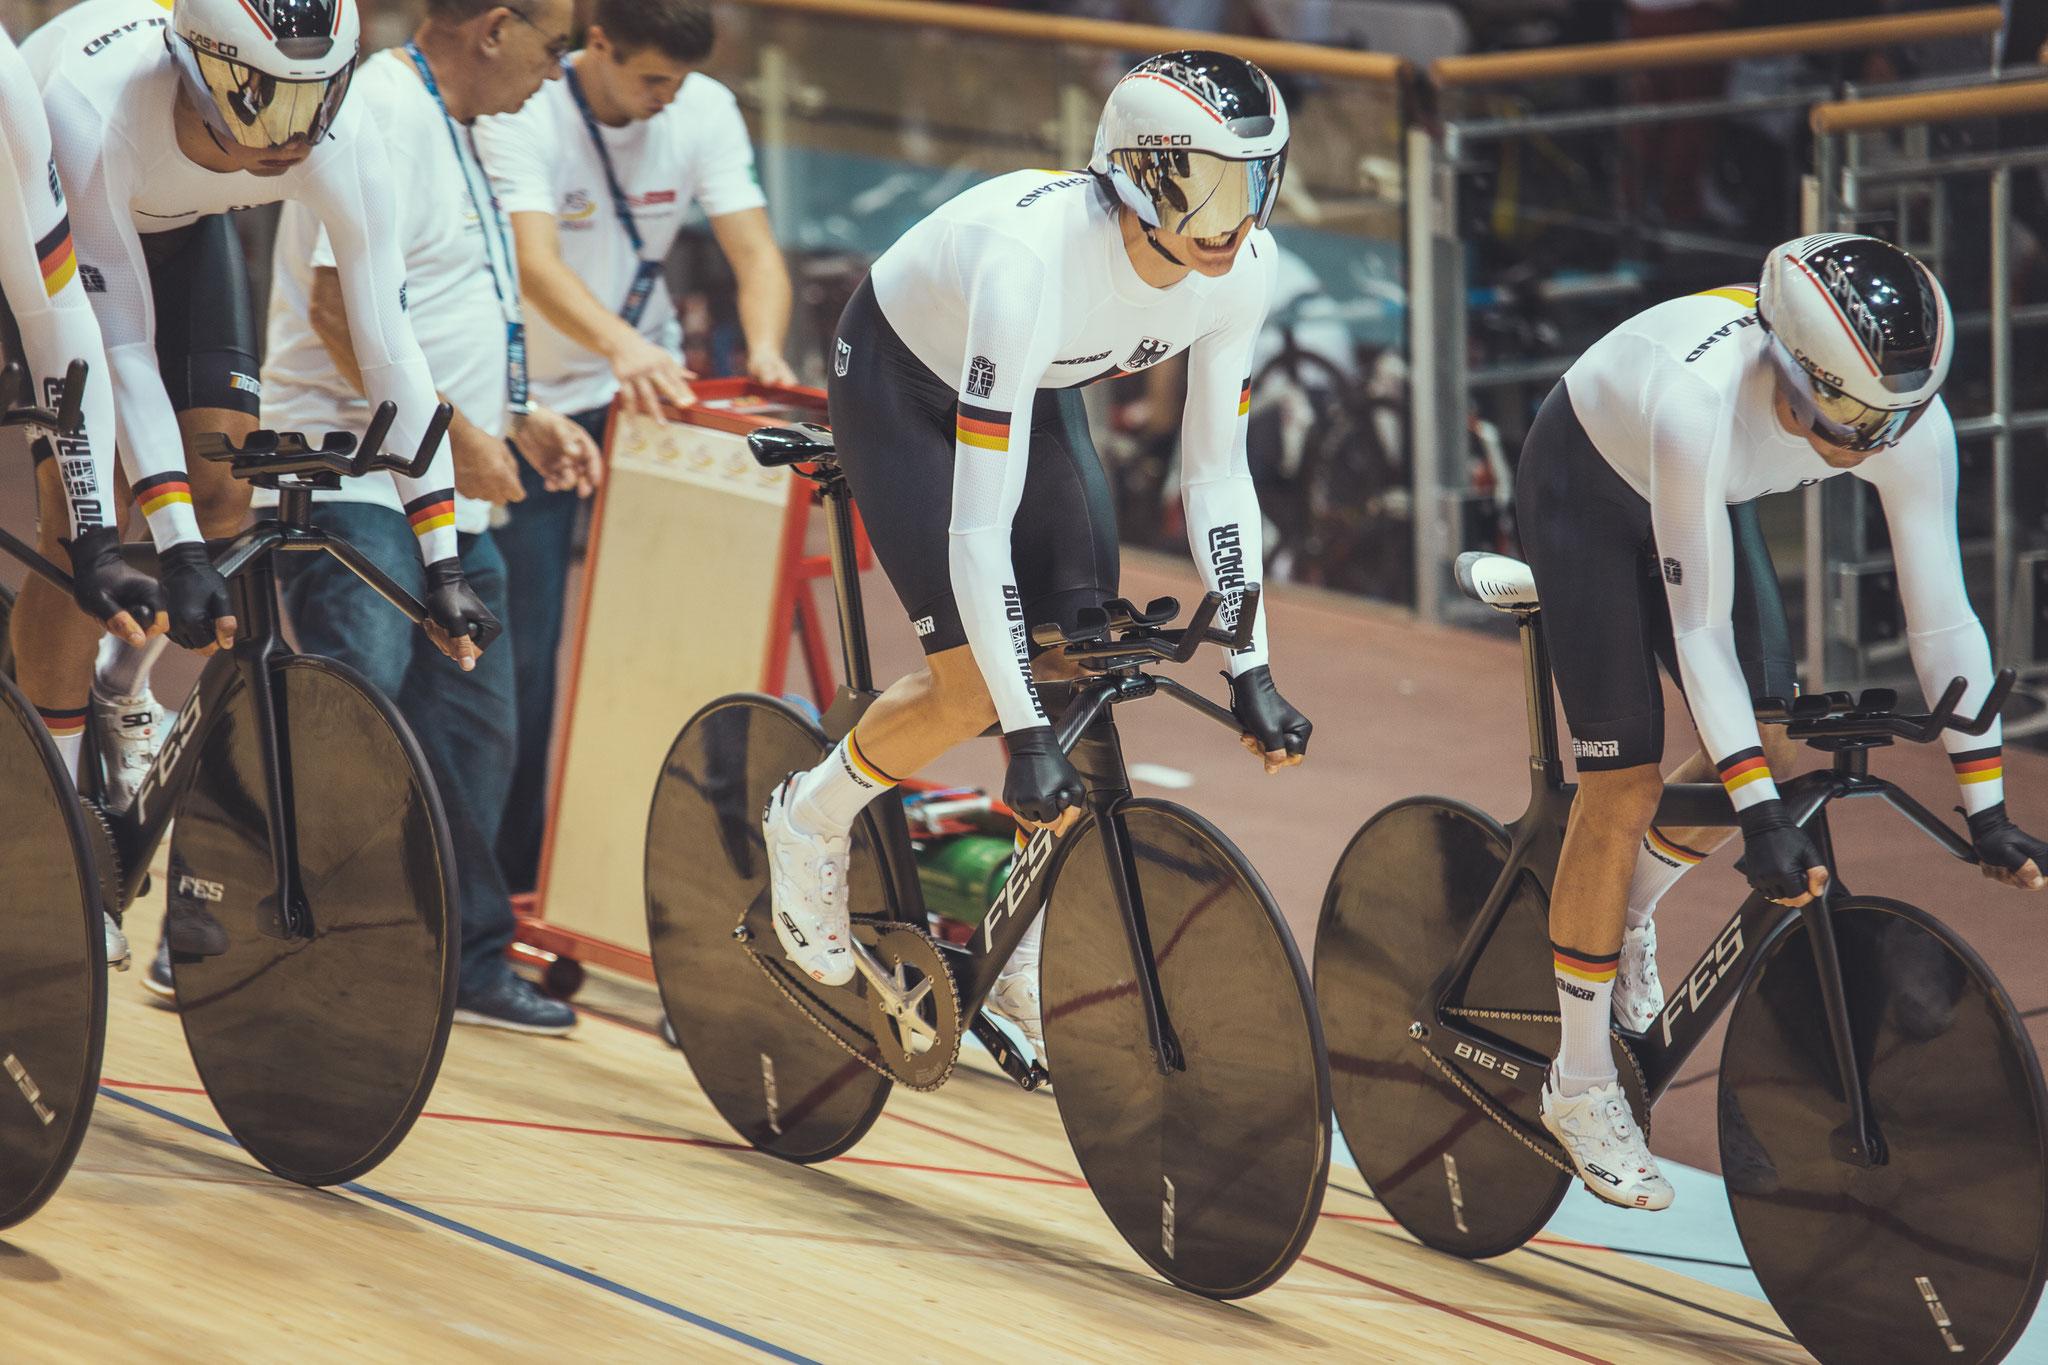 Radsport_Bahn-EM_Felix Groß beim Start des kleinen Finallaufs um Platz 3 an zweiter Startposition